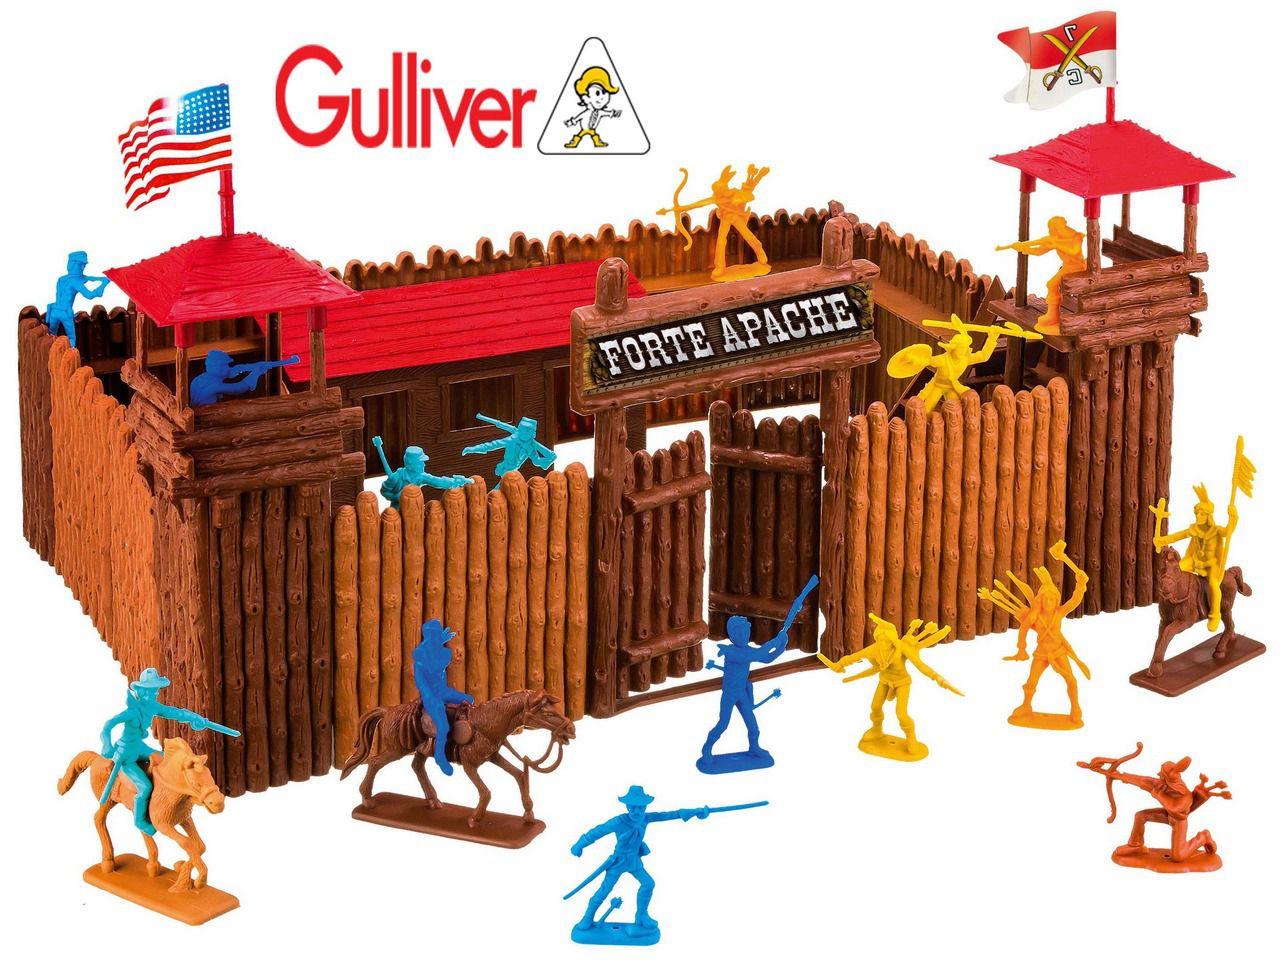 Forte Apache Batalha Júnior 34 Peças Maleta Brinquedo Infantil Menino Para Montar Figuras Coloridas Soldados Índios Cavalo Gulliver Original